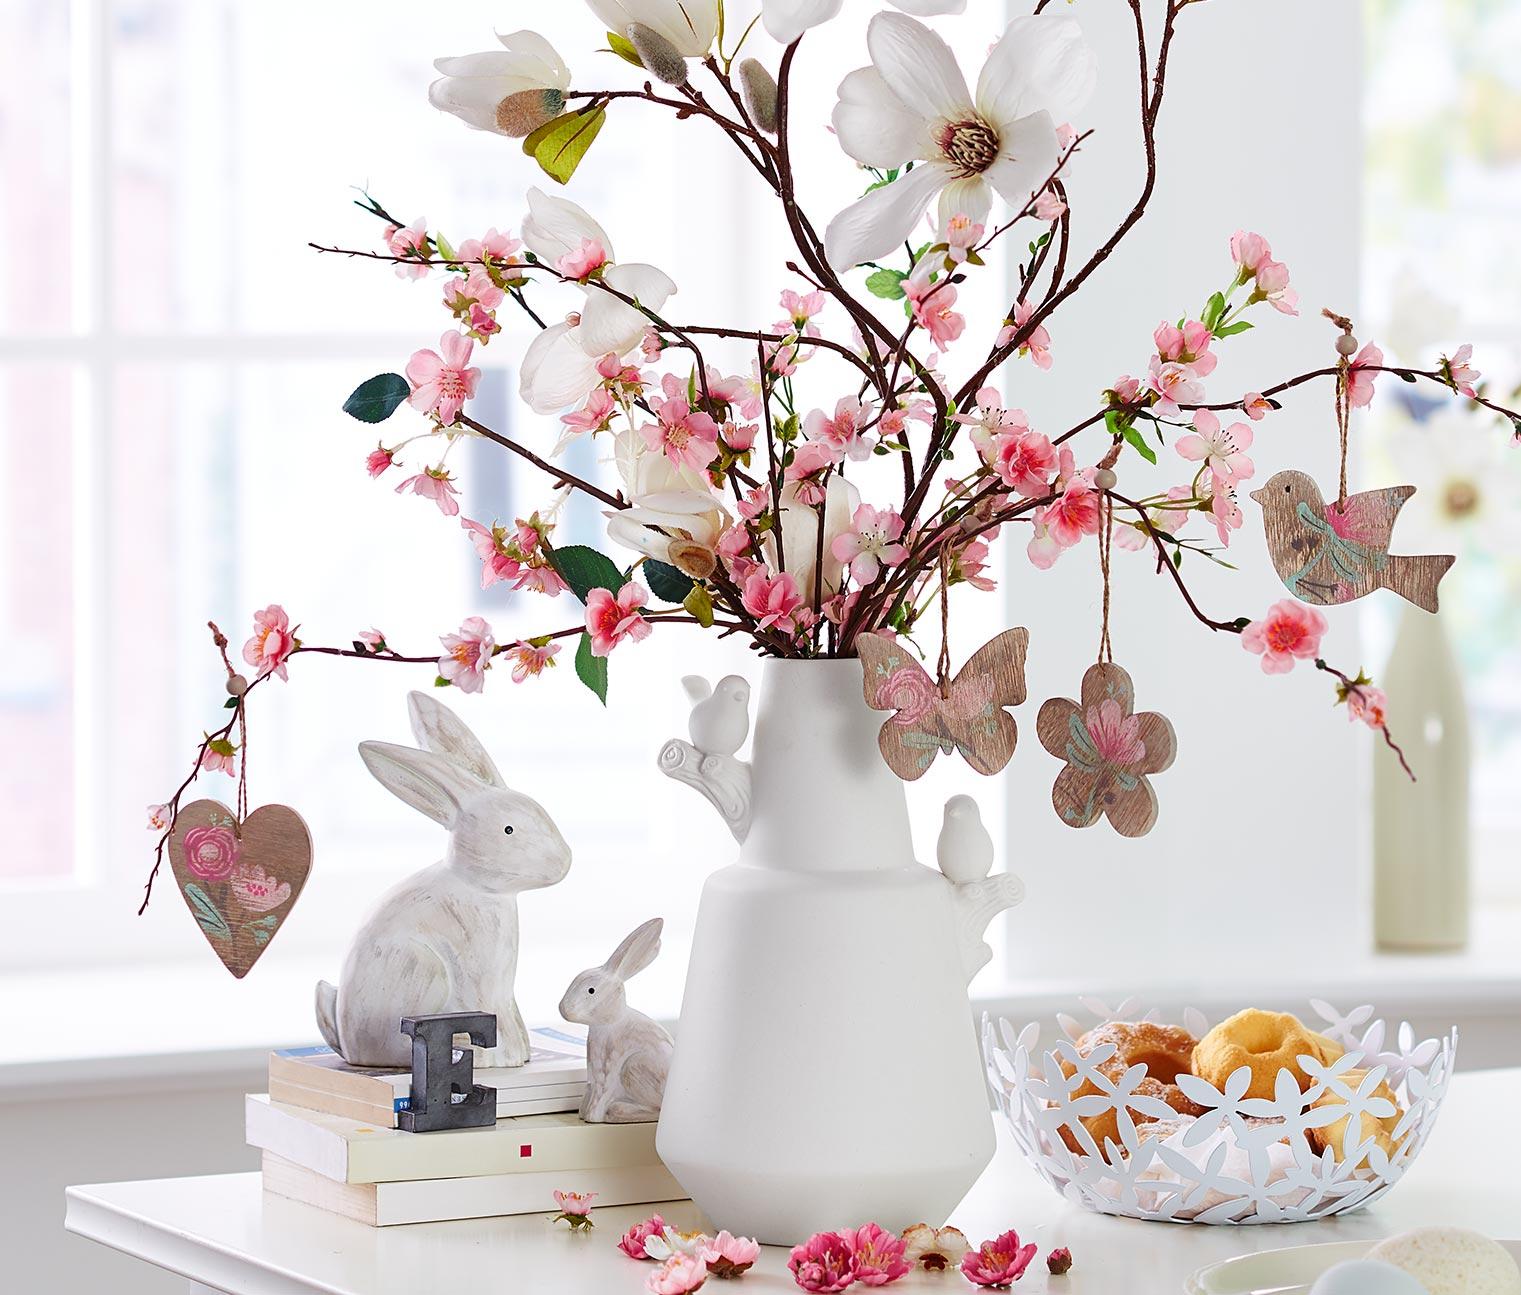 Frühlingsdeko selber machen Tischdeko Blumengestecke